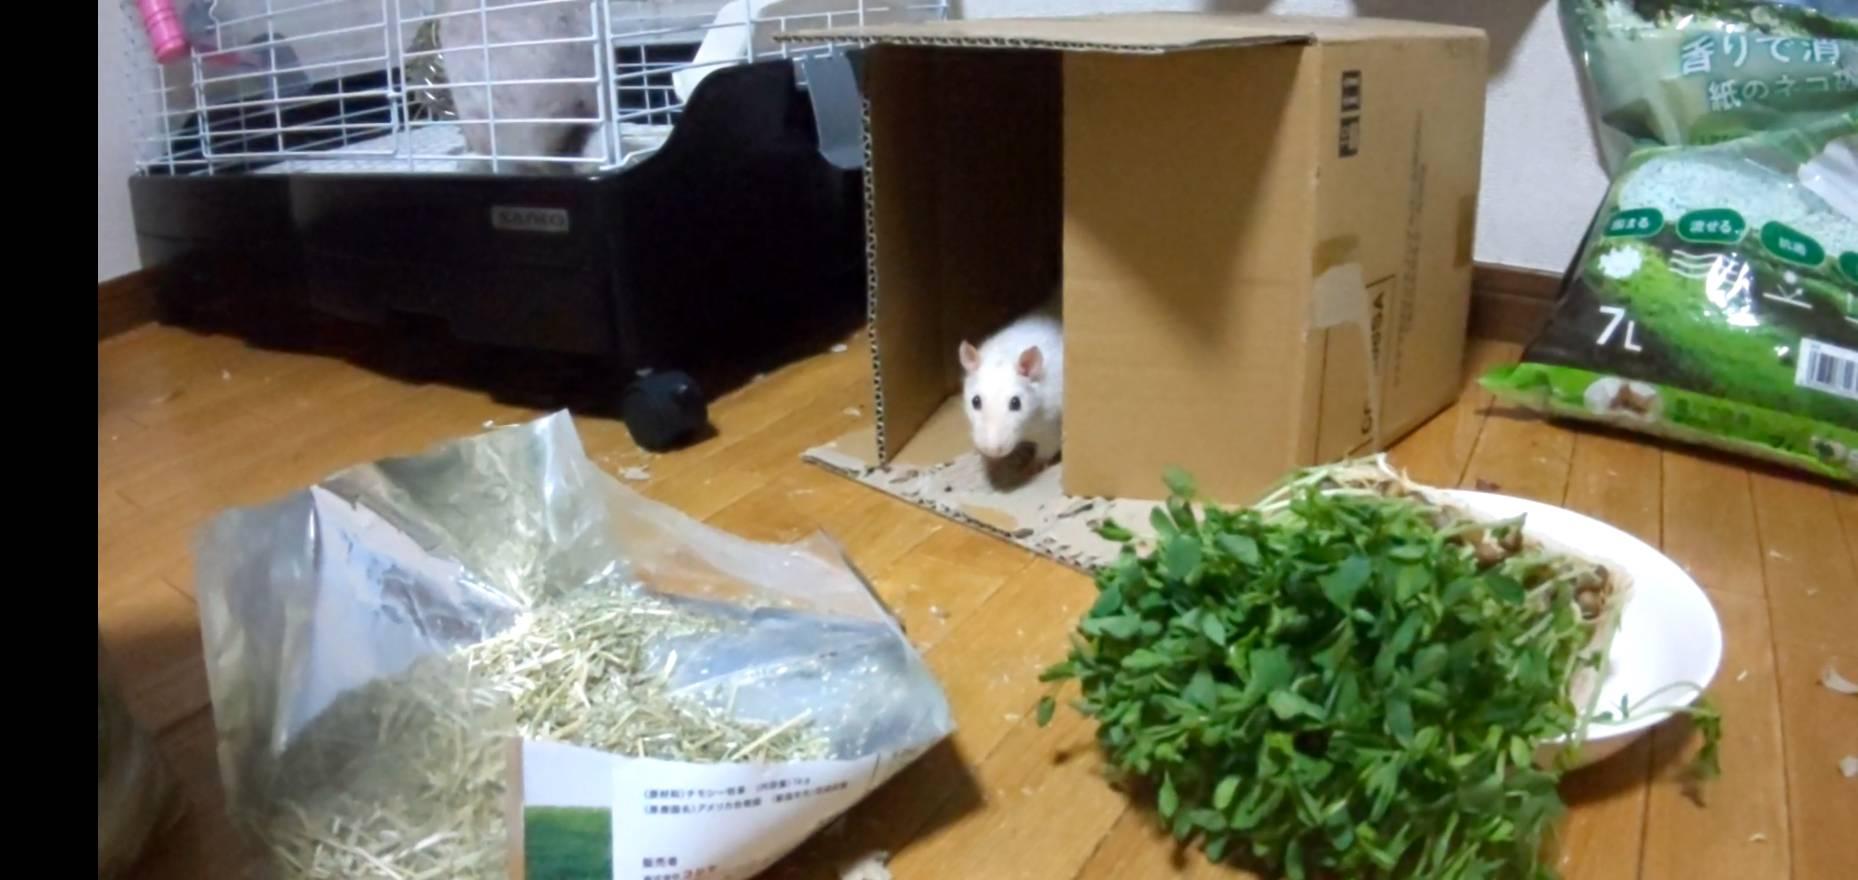 ファンシーラット ダンボールの中で豆食べる!